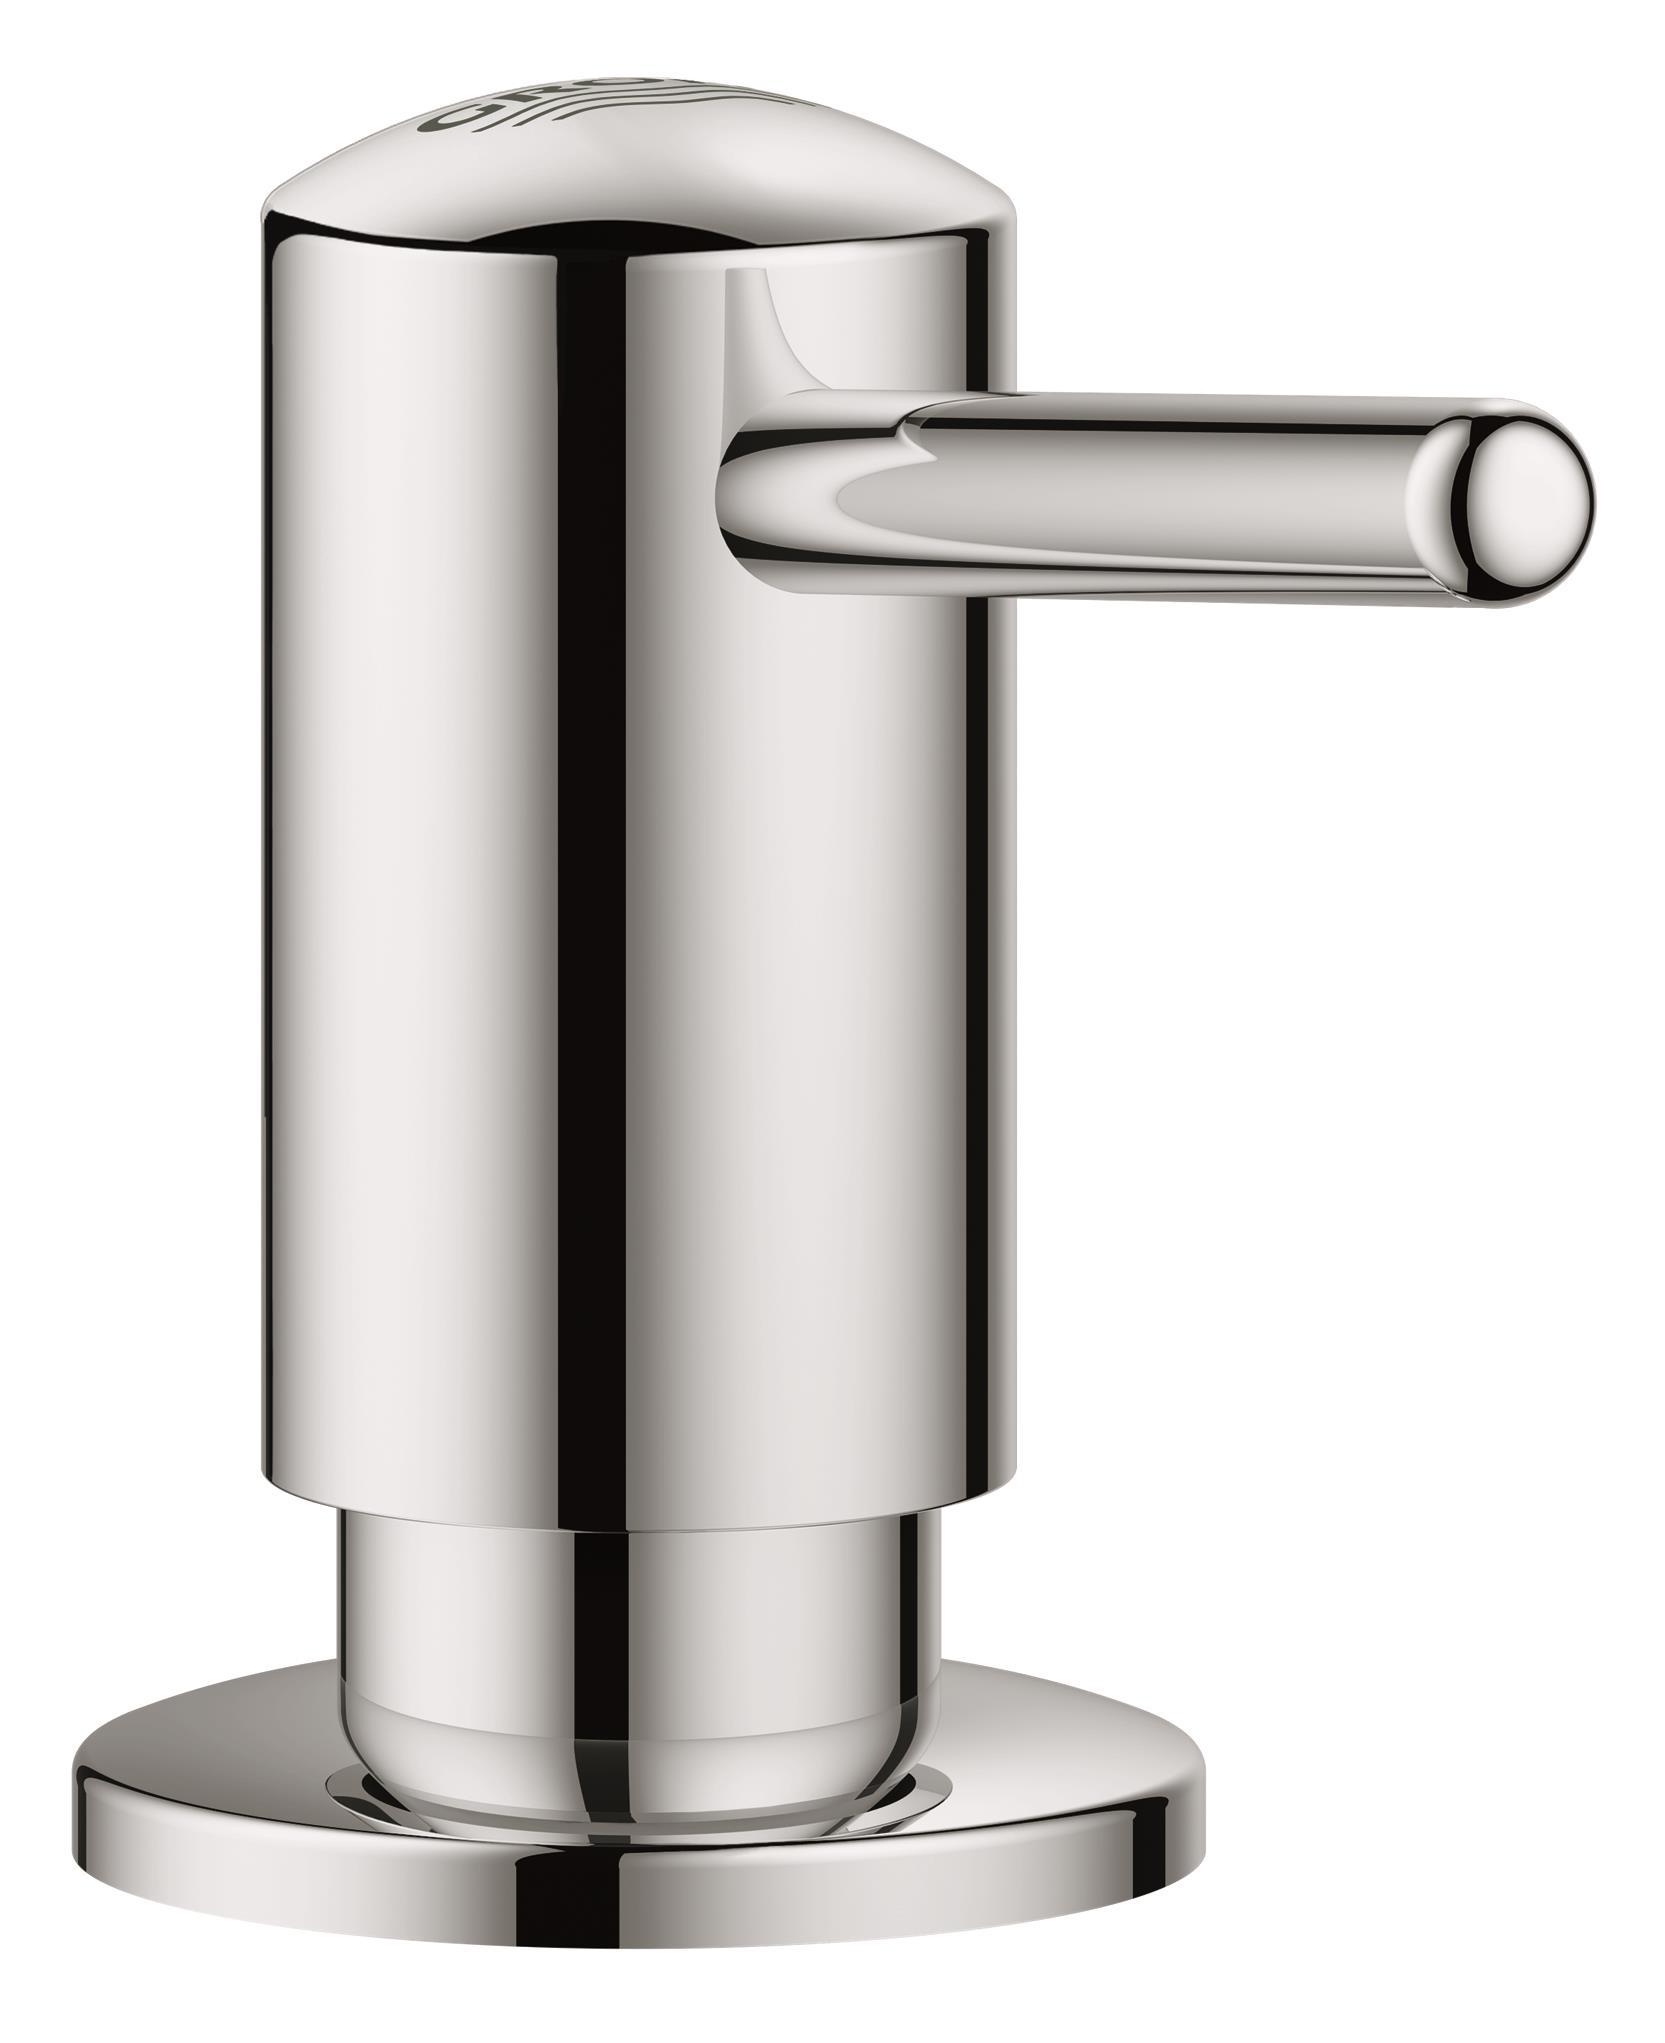 Дозатор жидкого мыла Grohe ContemporaryRG-D31SДля жидкого мыла,Запасная емкость 0,4 лGROHE StarLight хромированная поверхность